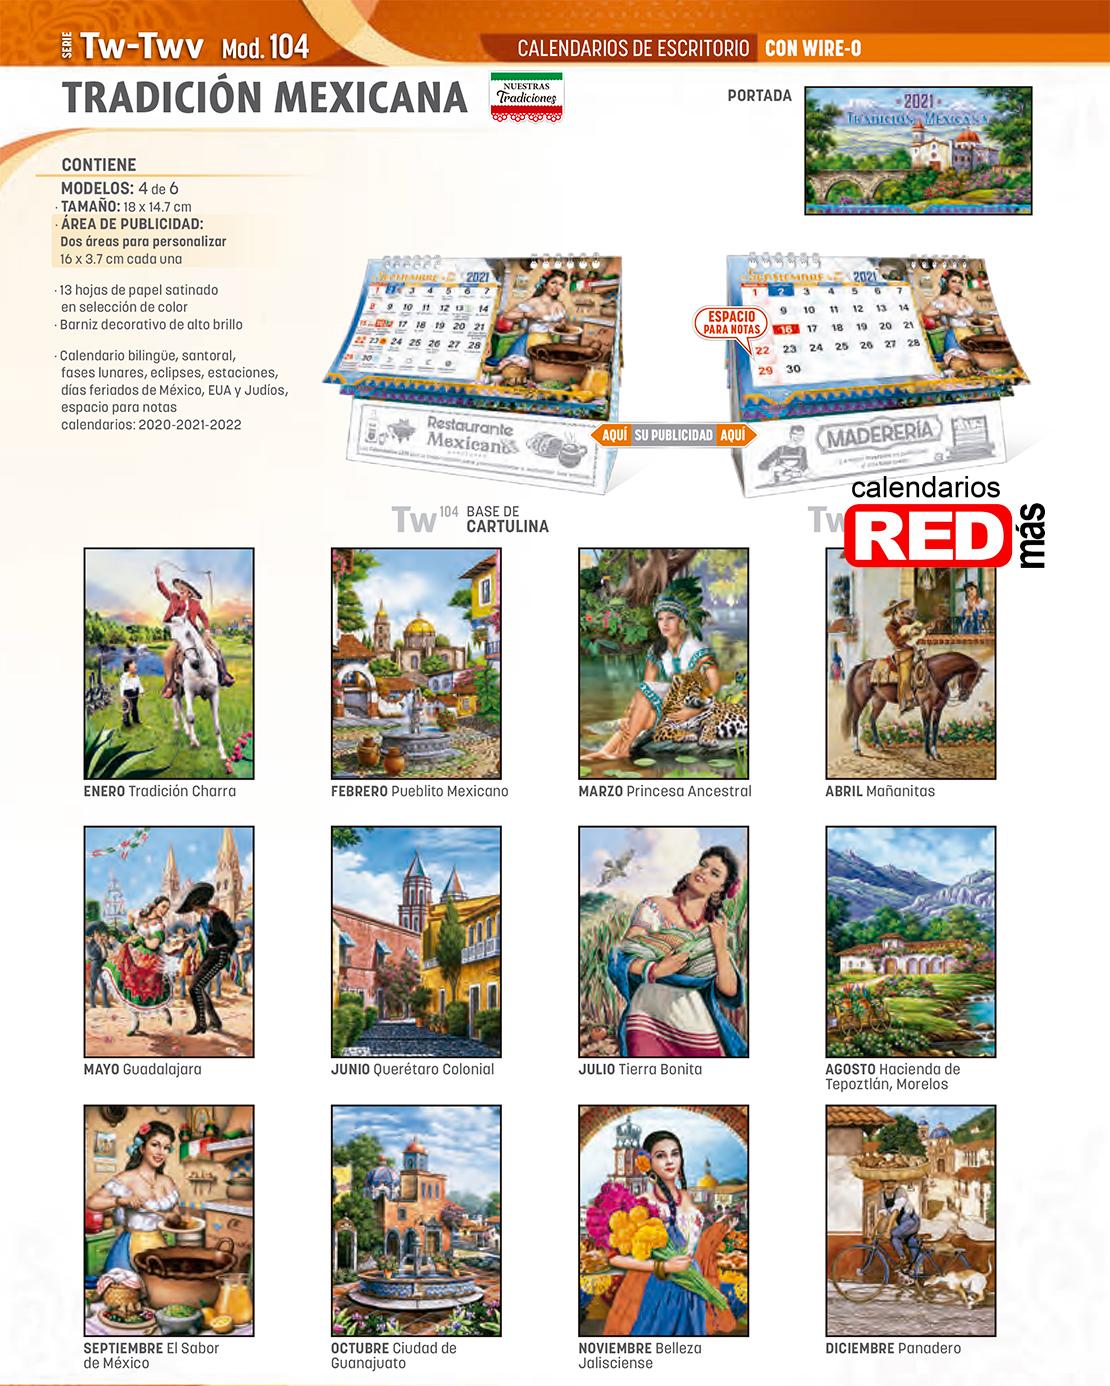 calendarios-len-2020-calendarios-red-calendarios-2020-Twv_004.jpg